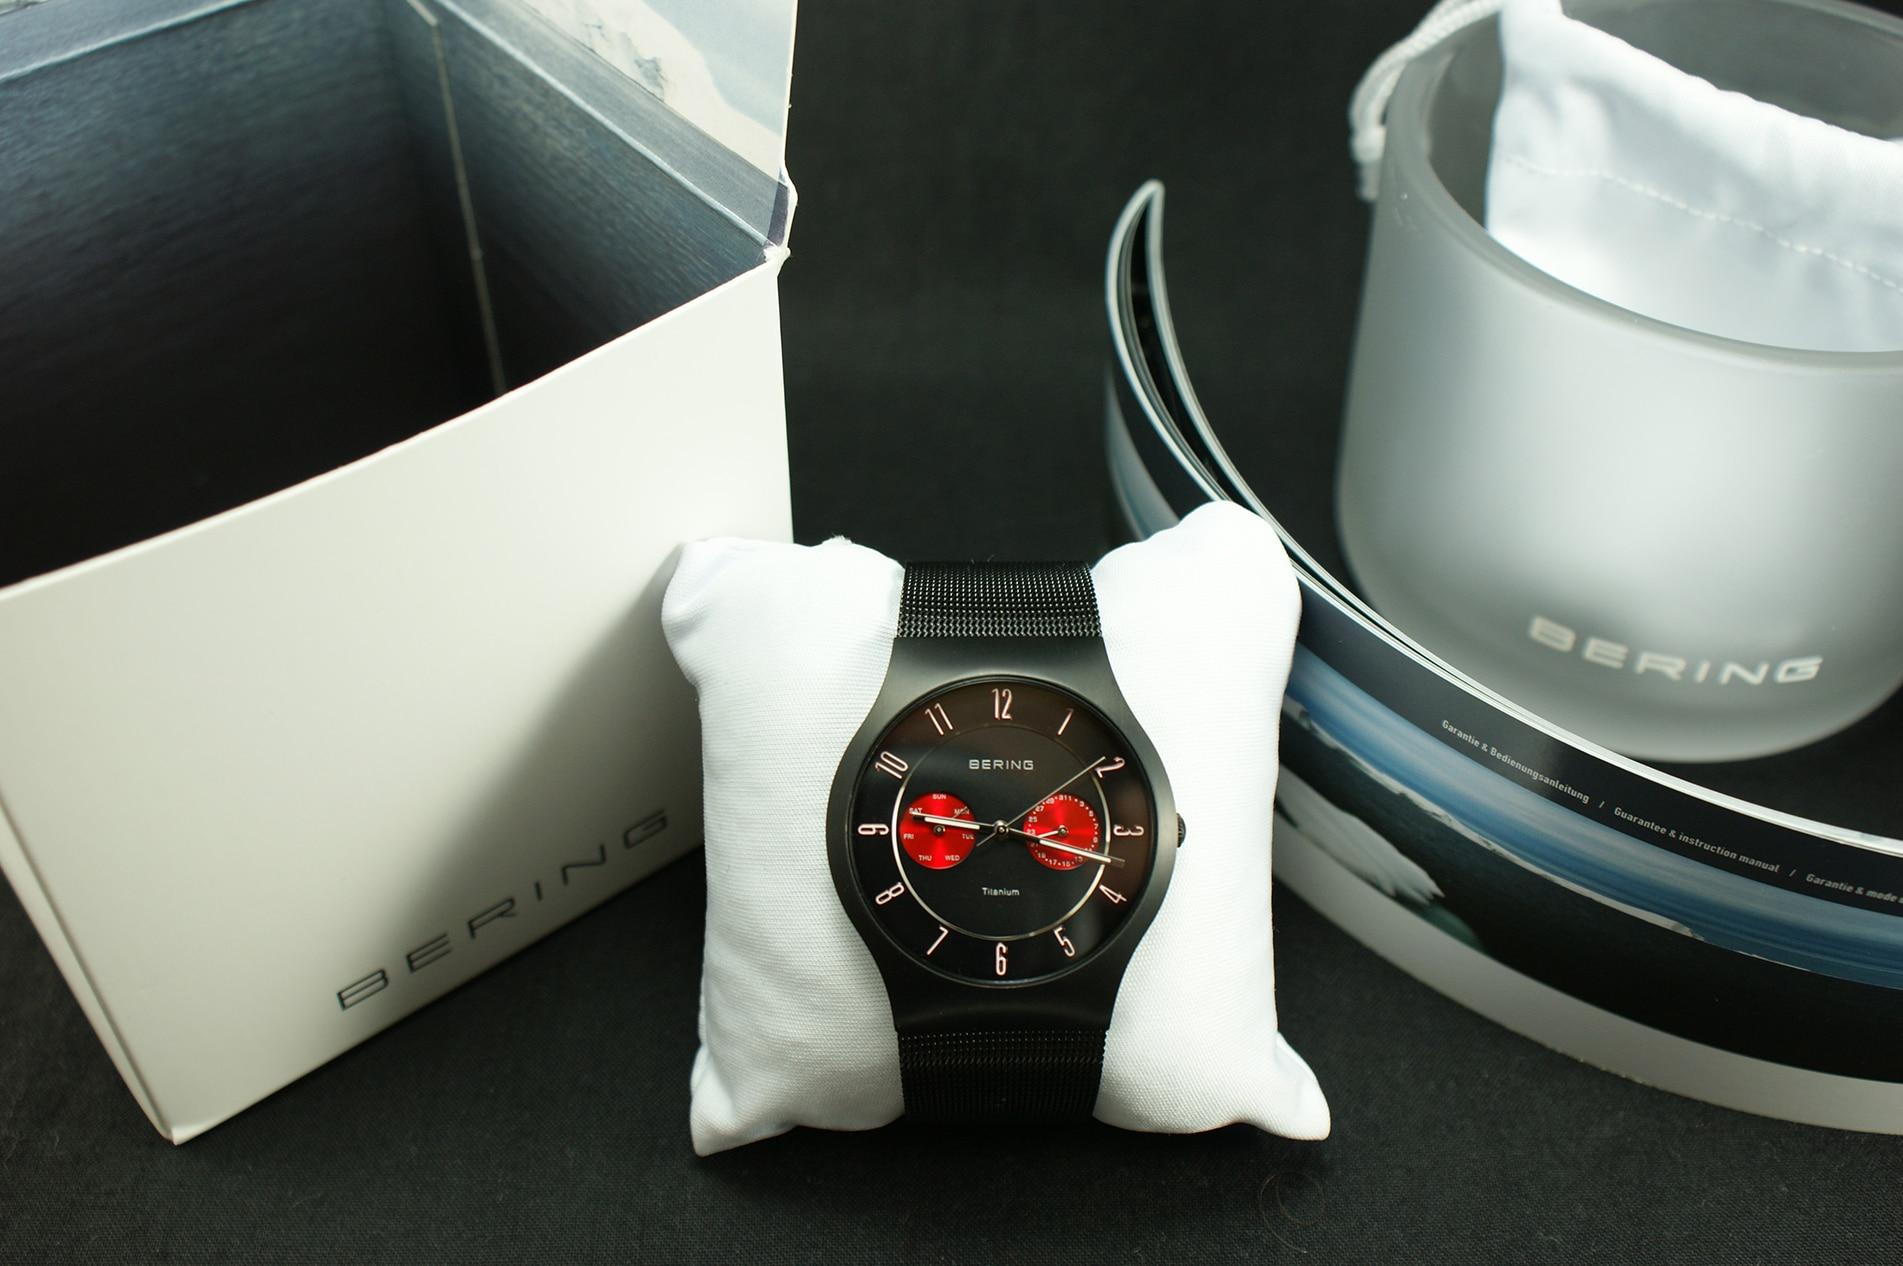 Die Uhr ruht auf einem Stoffkissen, welches in einem weißen Beutel mit BERING Aufdruck verwahrt wird. Im Lieferumfang befindet sich außerdem die Garantie- und Bedienungsanleitung.